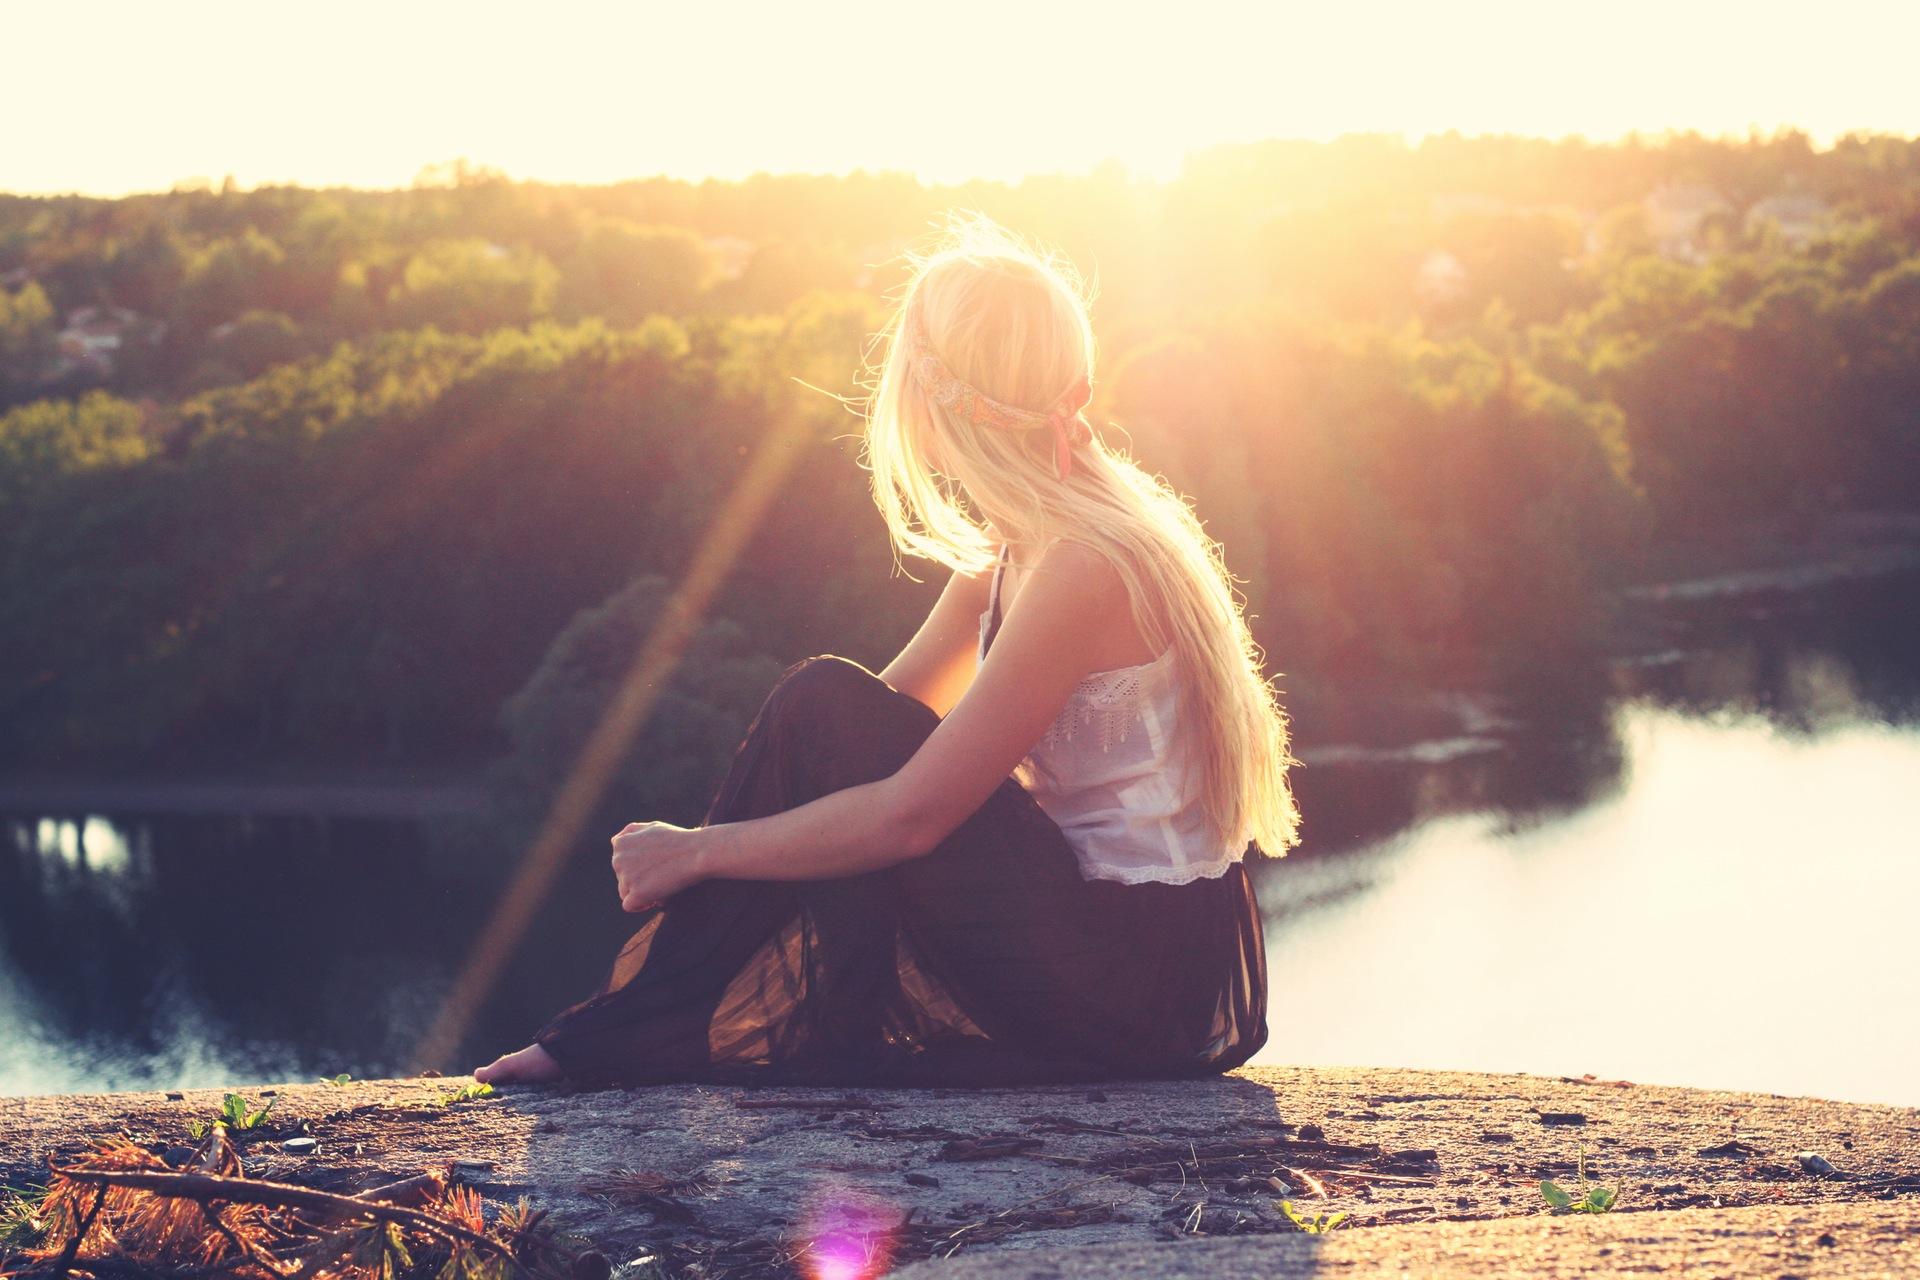 सेट करता है, महिला, रुबिया, नदी, सूर्य, आरामदायक - HD वॉलपेपर - प्रोफेसर-falken.com